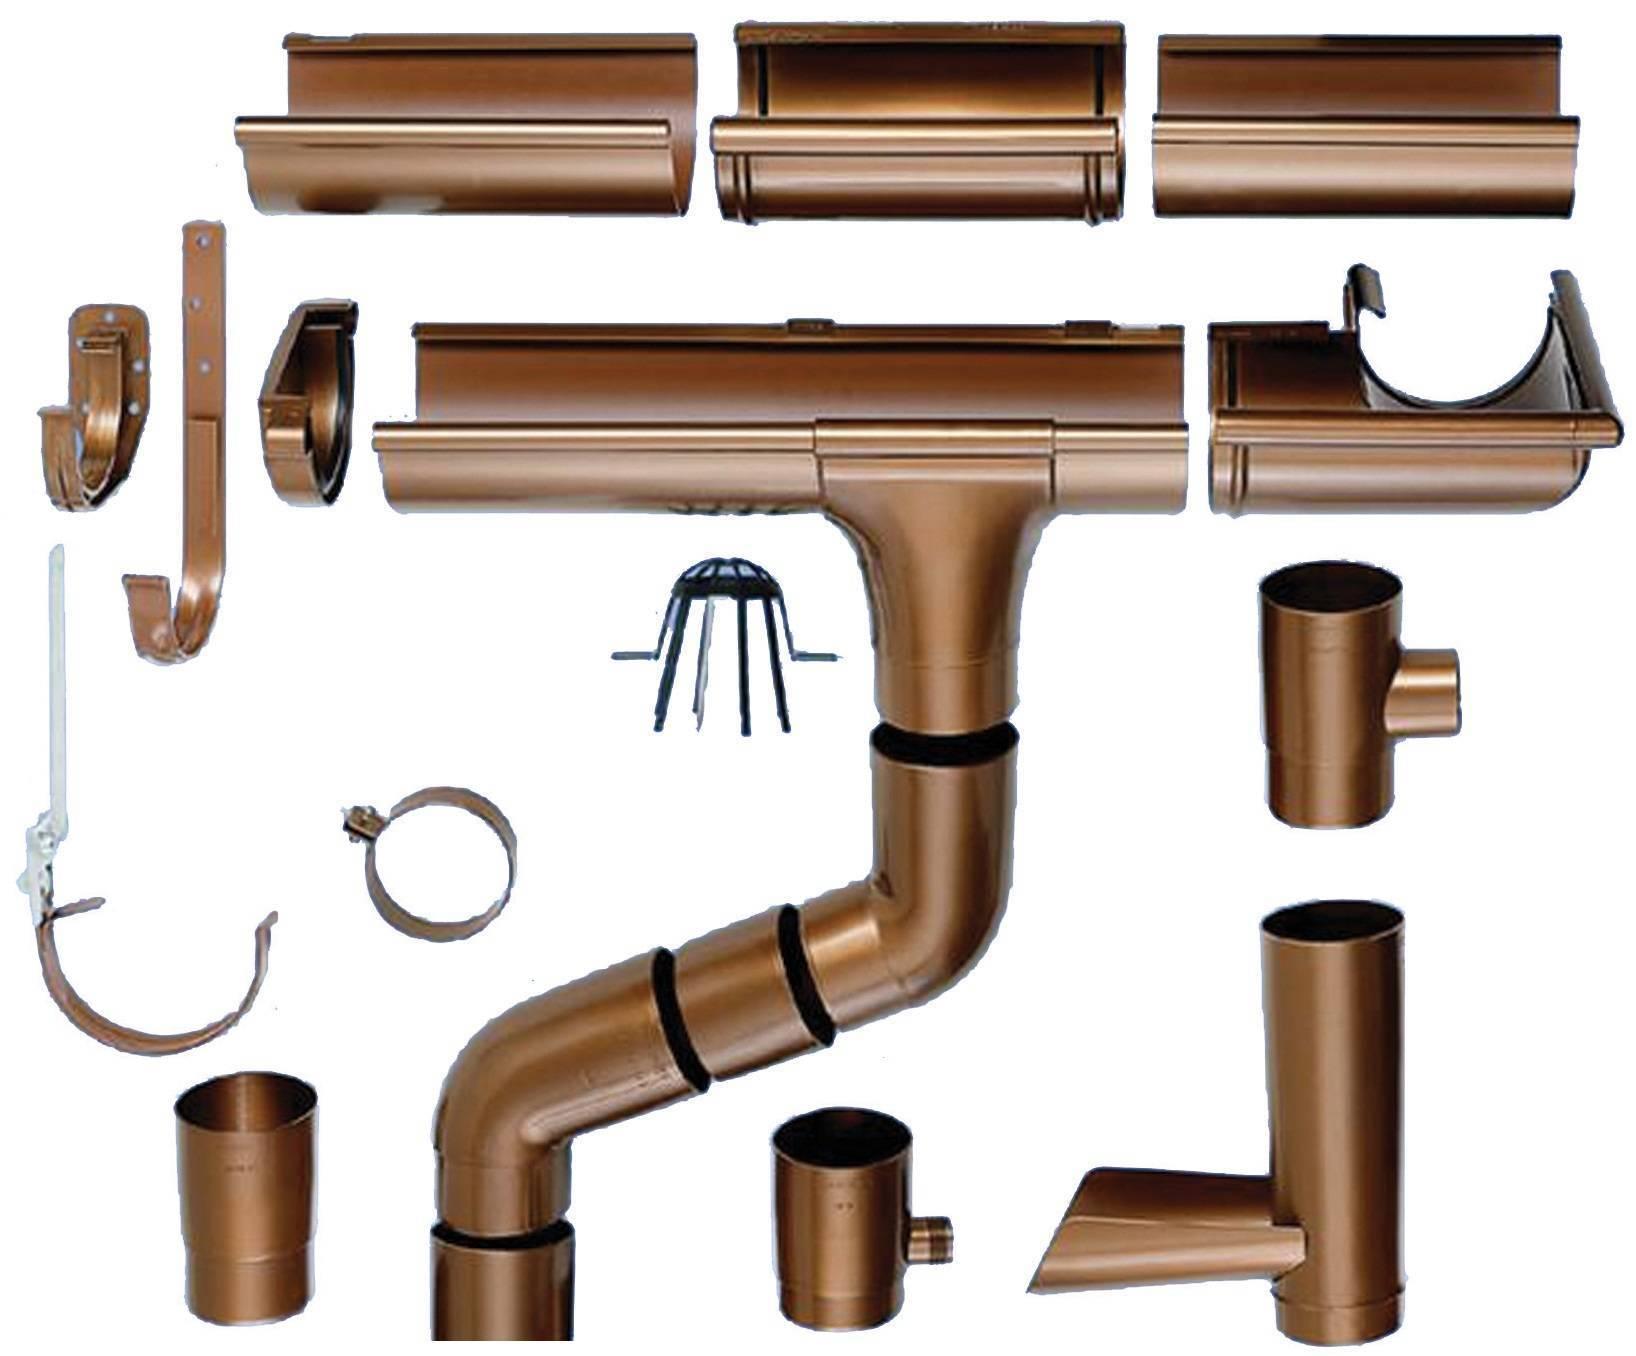 Какой водосток лучше пластиковый или металлический: сравнительный обзор характеристик